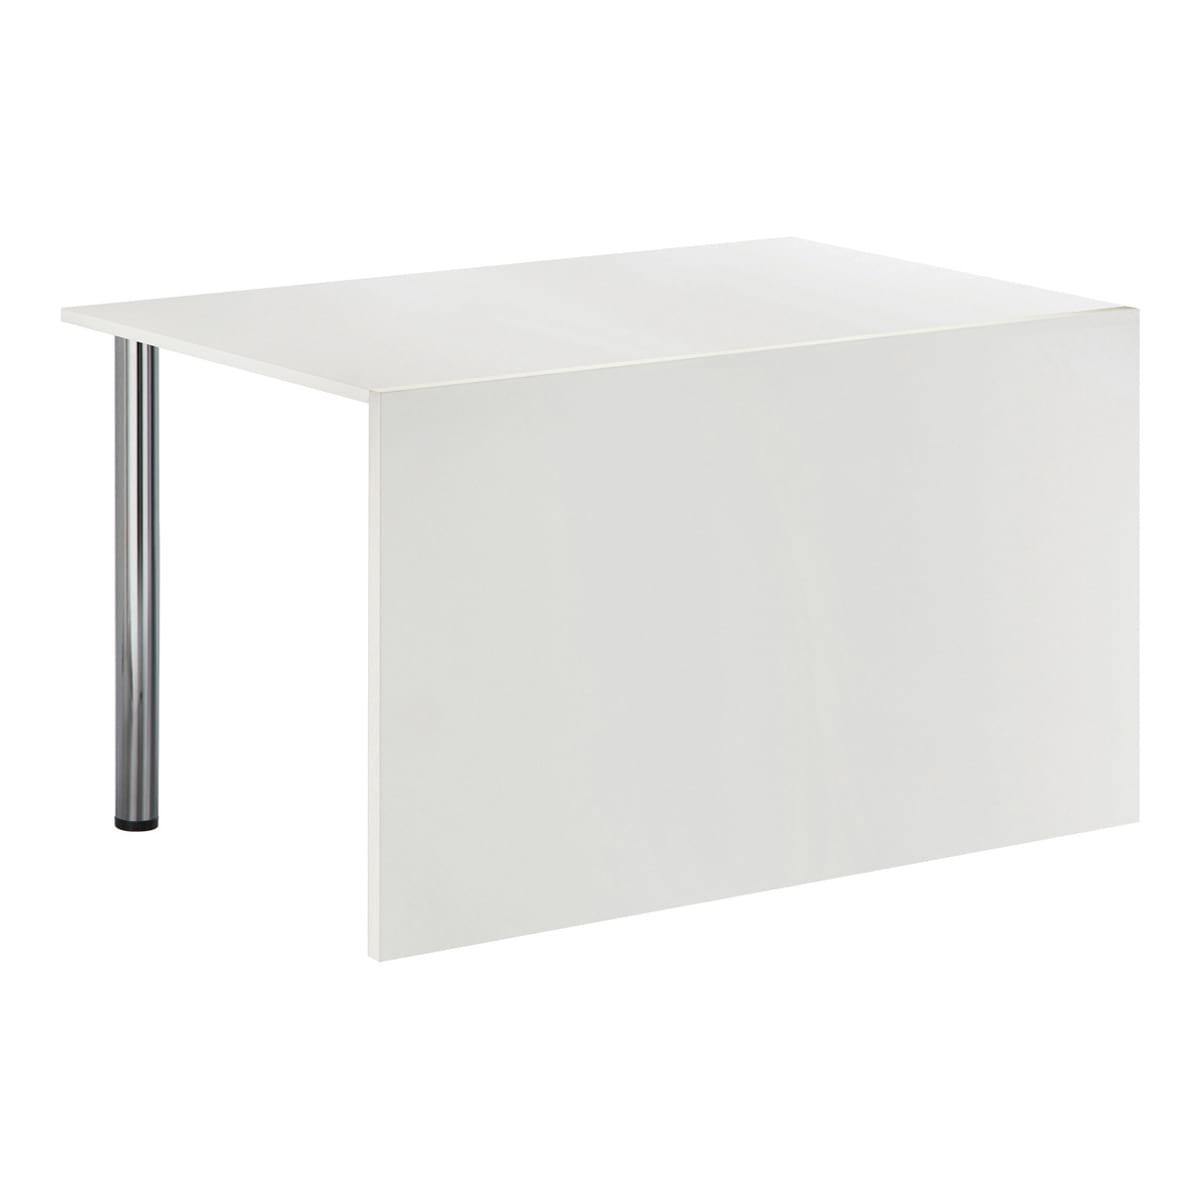 Sitztisch Genf, mit Blende, weiß